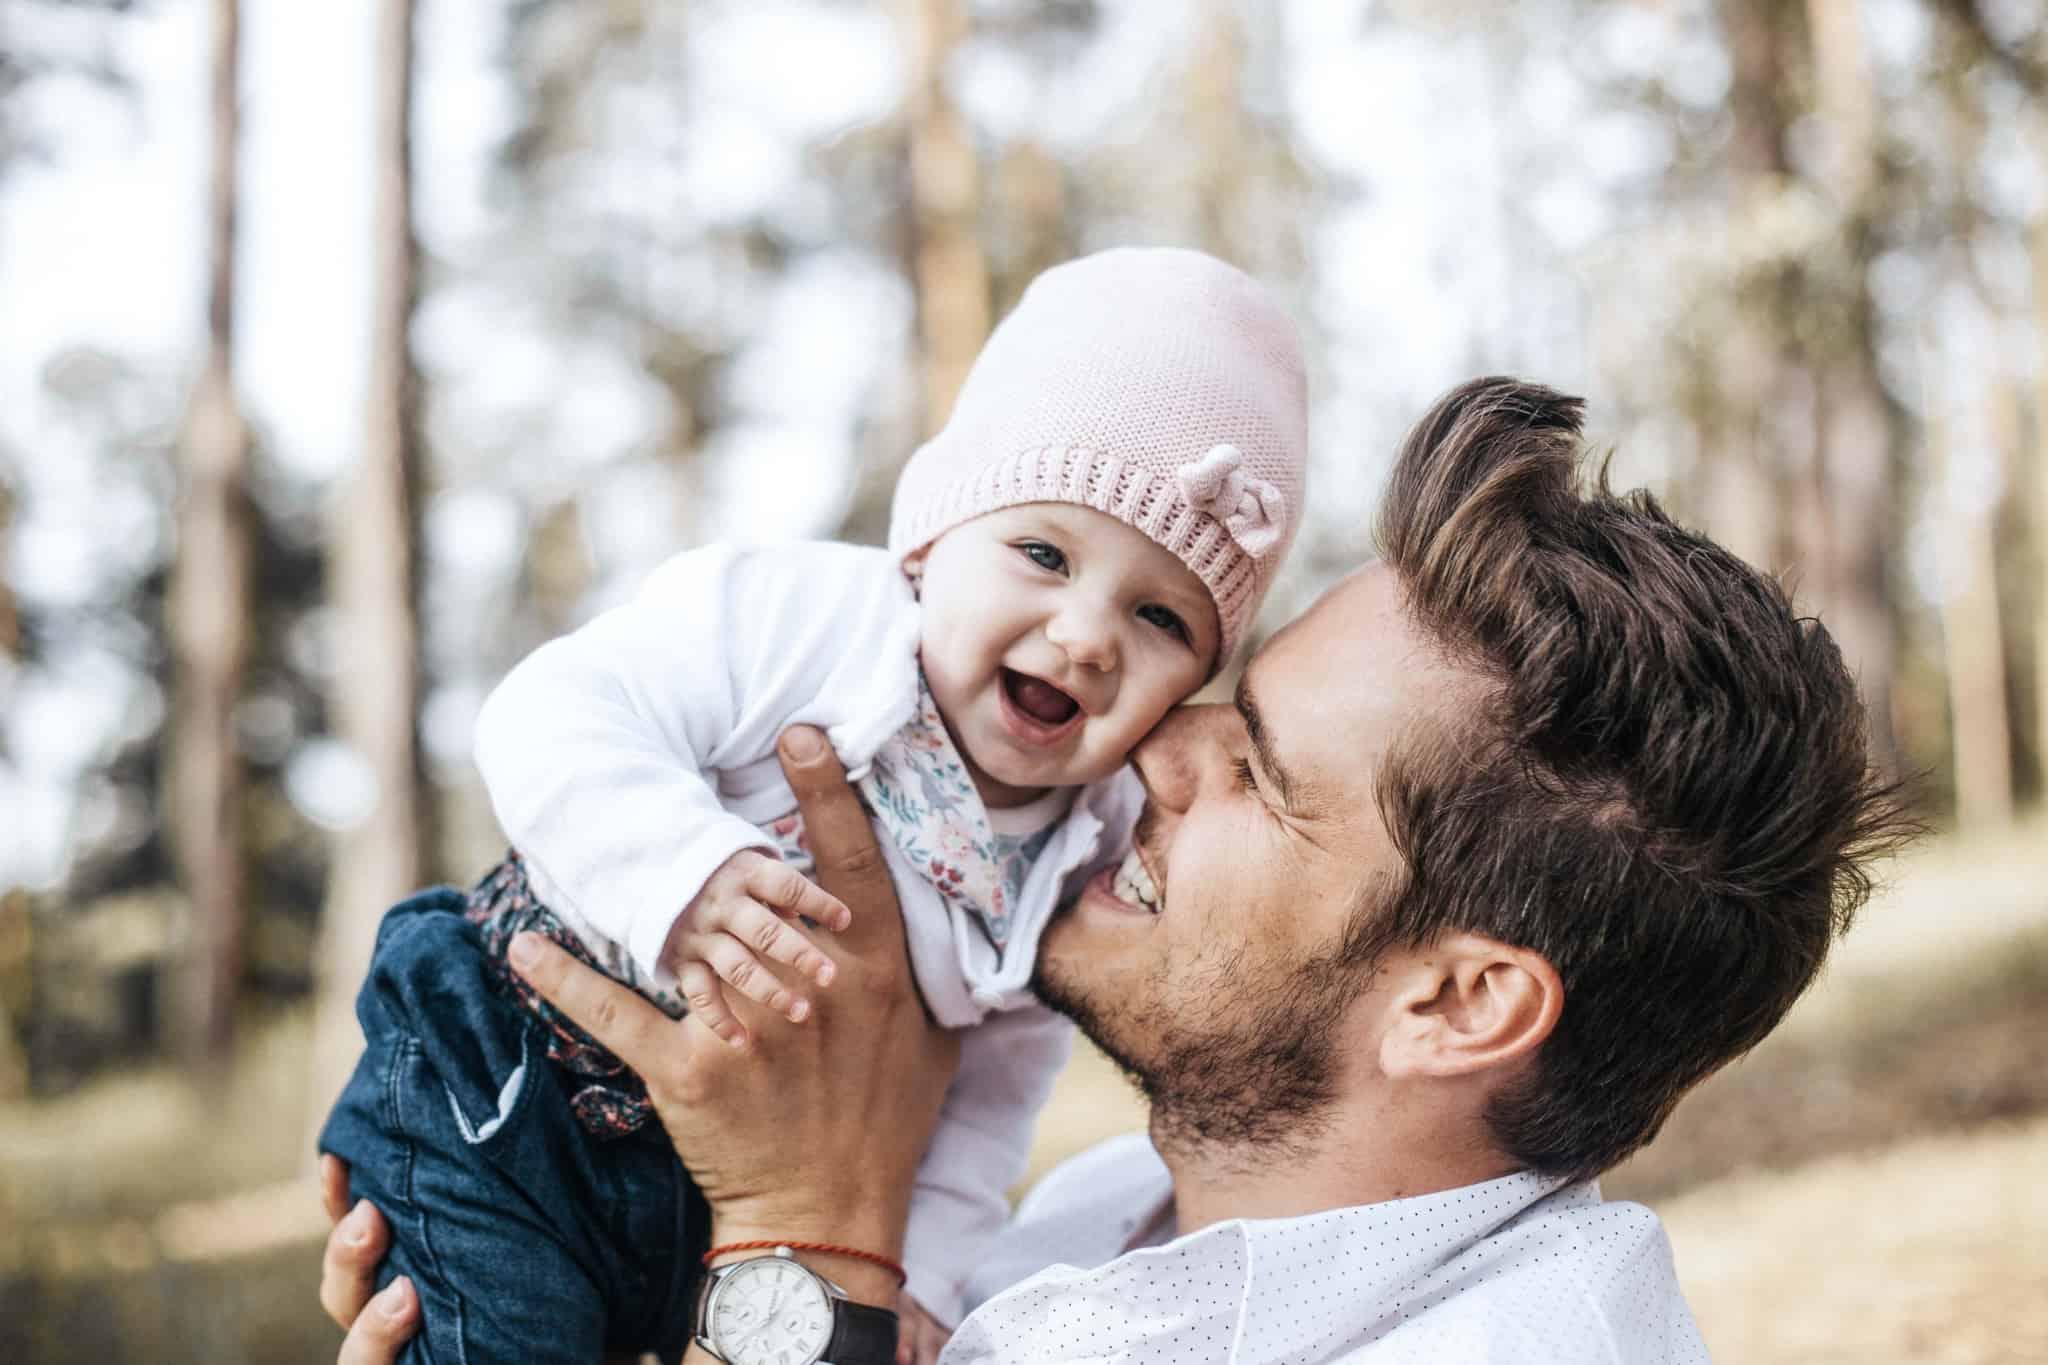 Pai brinca com filha alegre e seguro